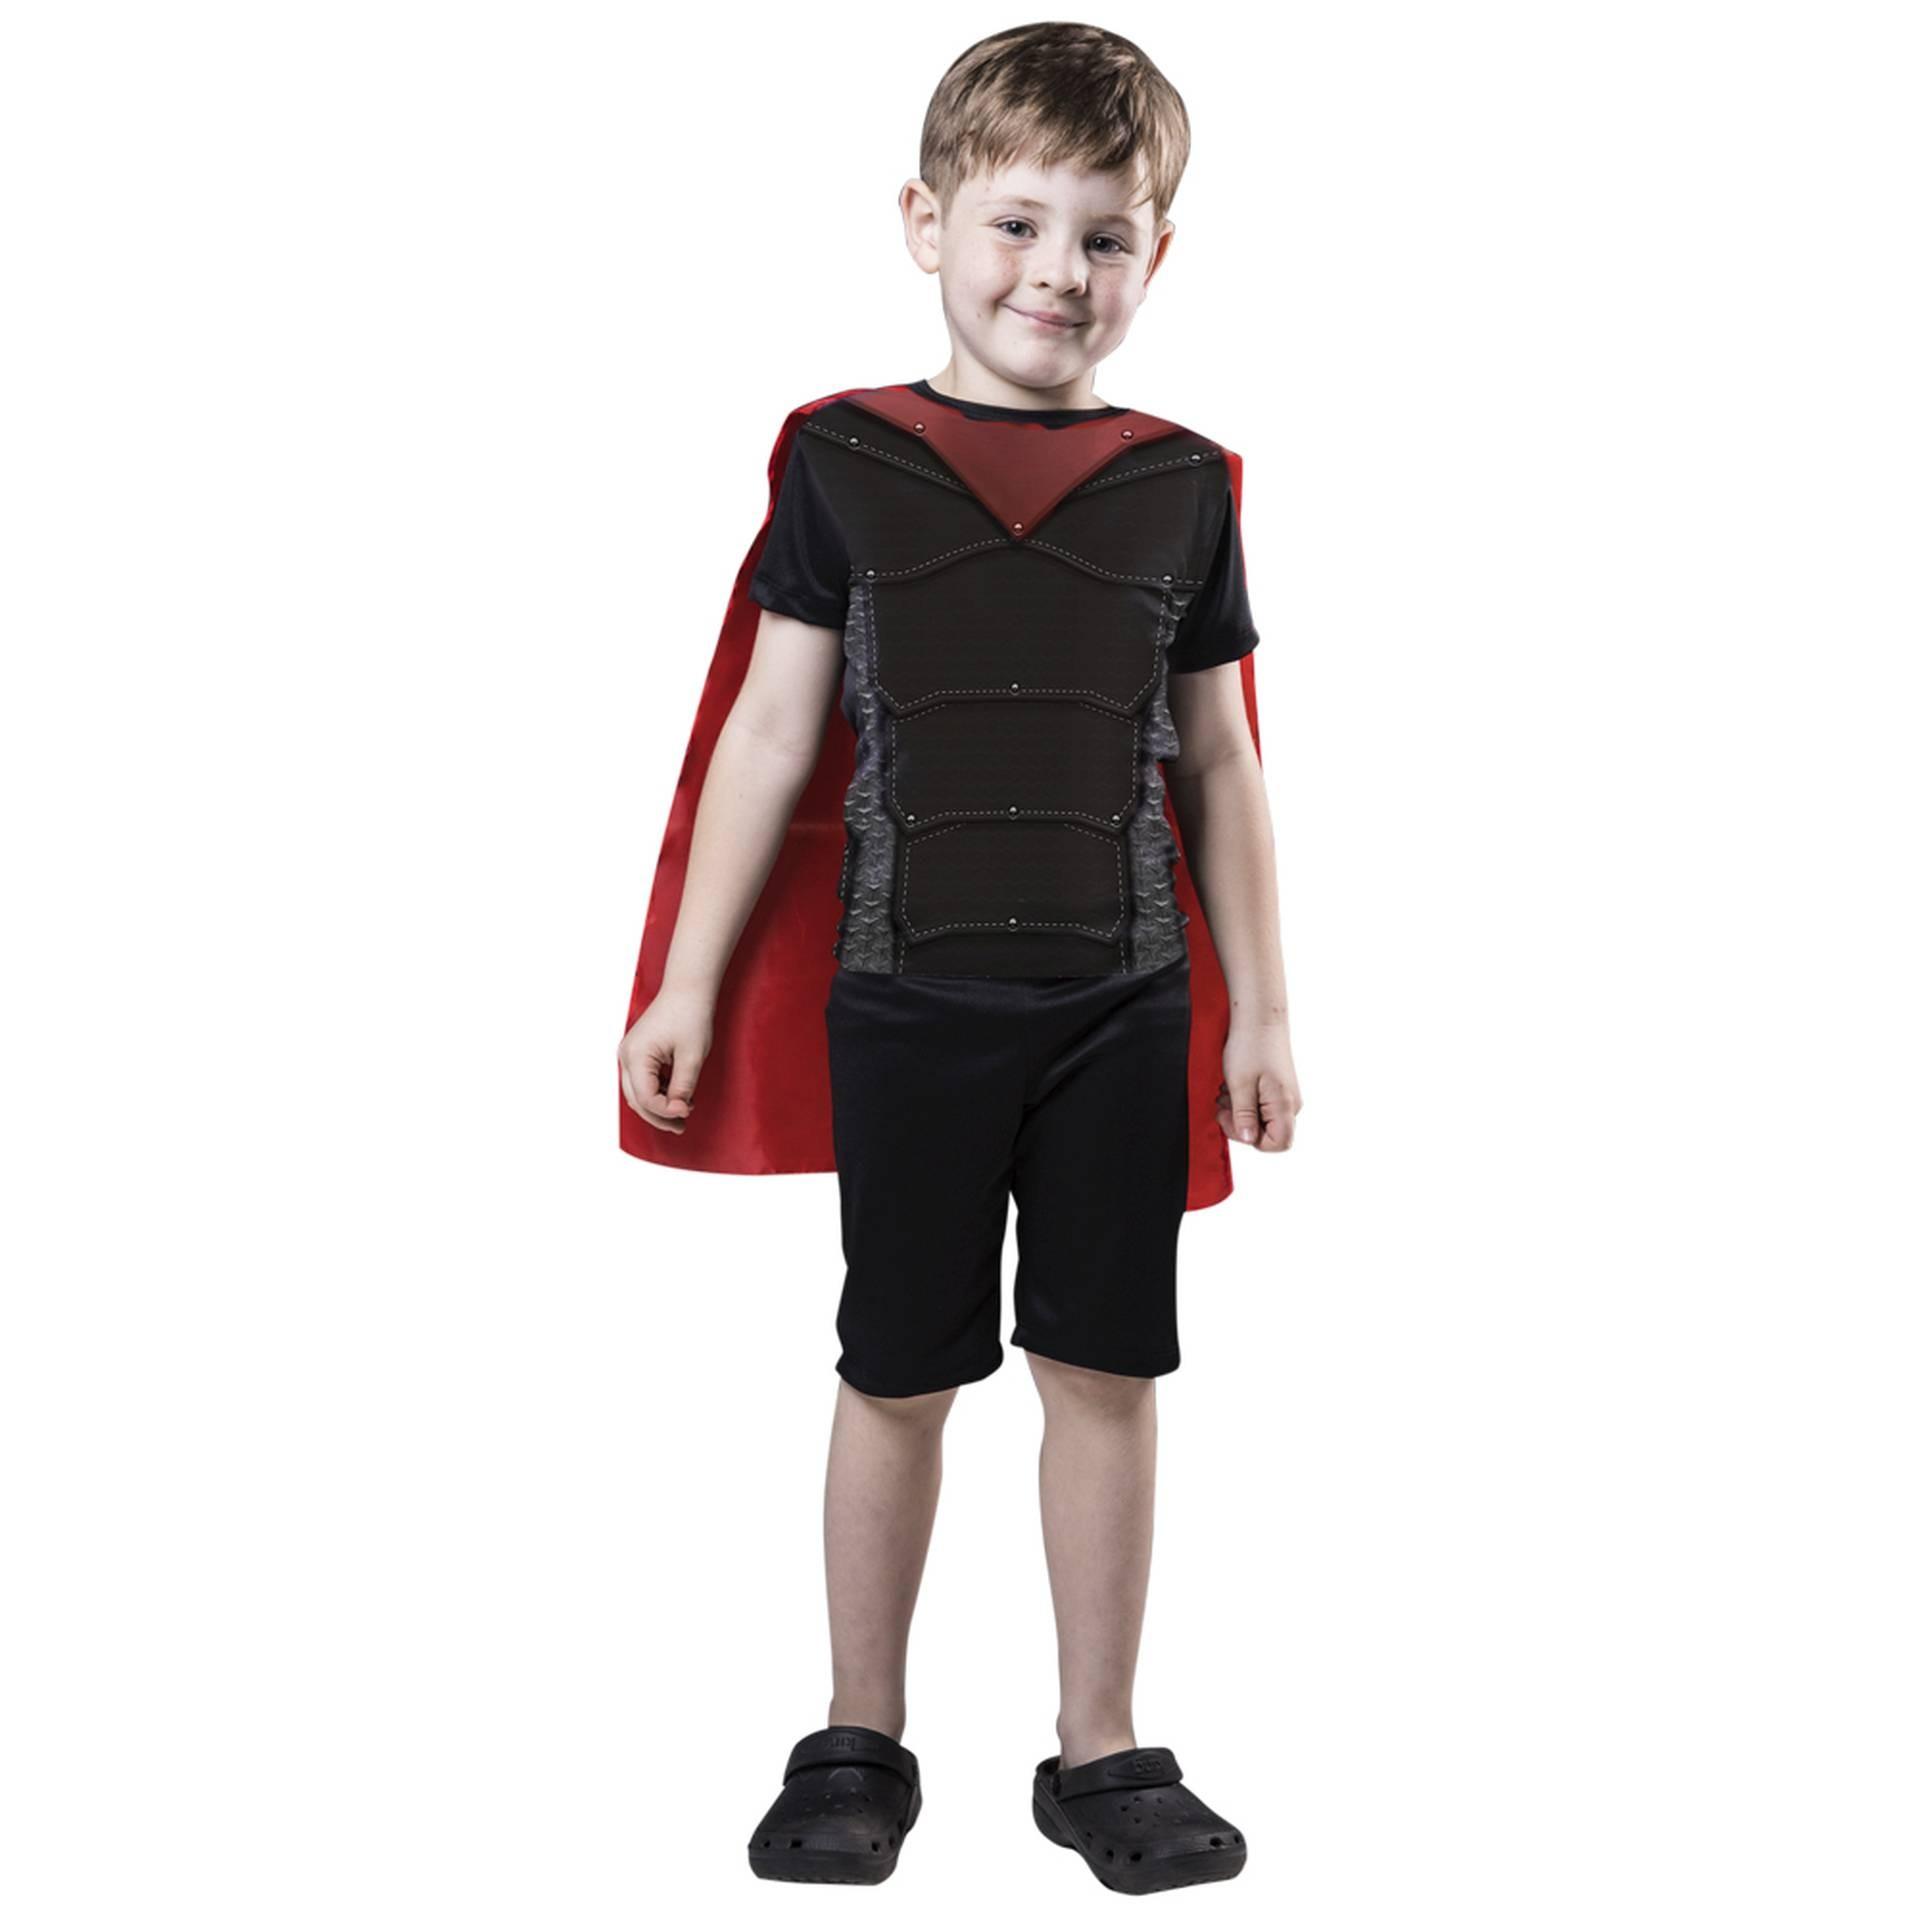 Fantasias do Menino Martelo, macacão curto com capa para meninos